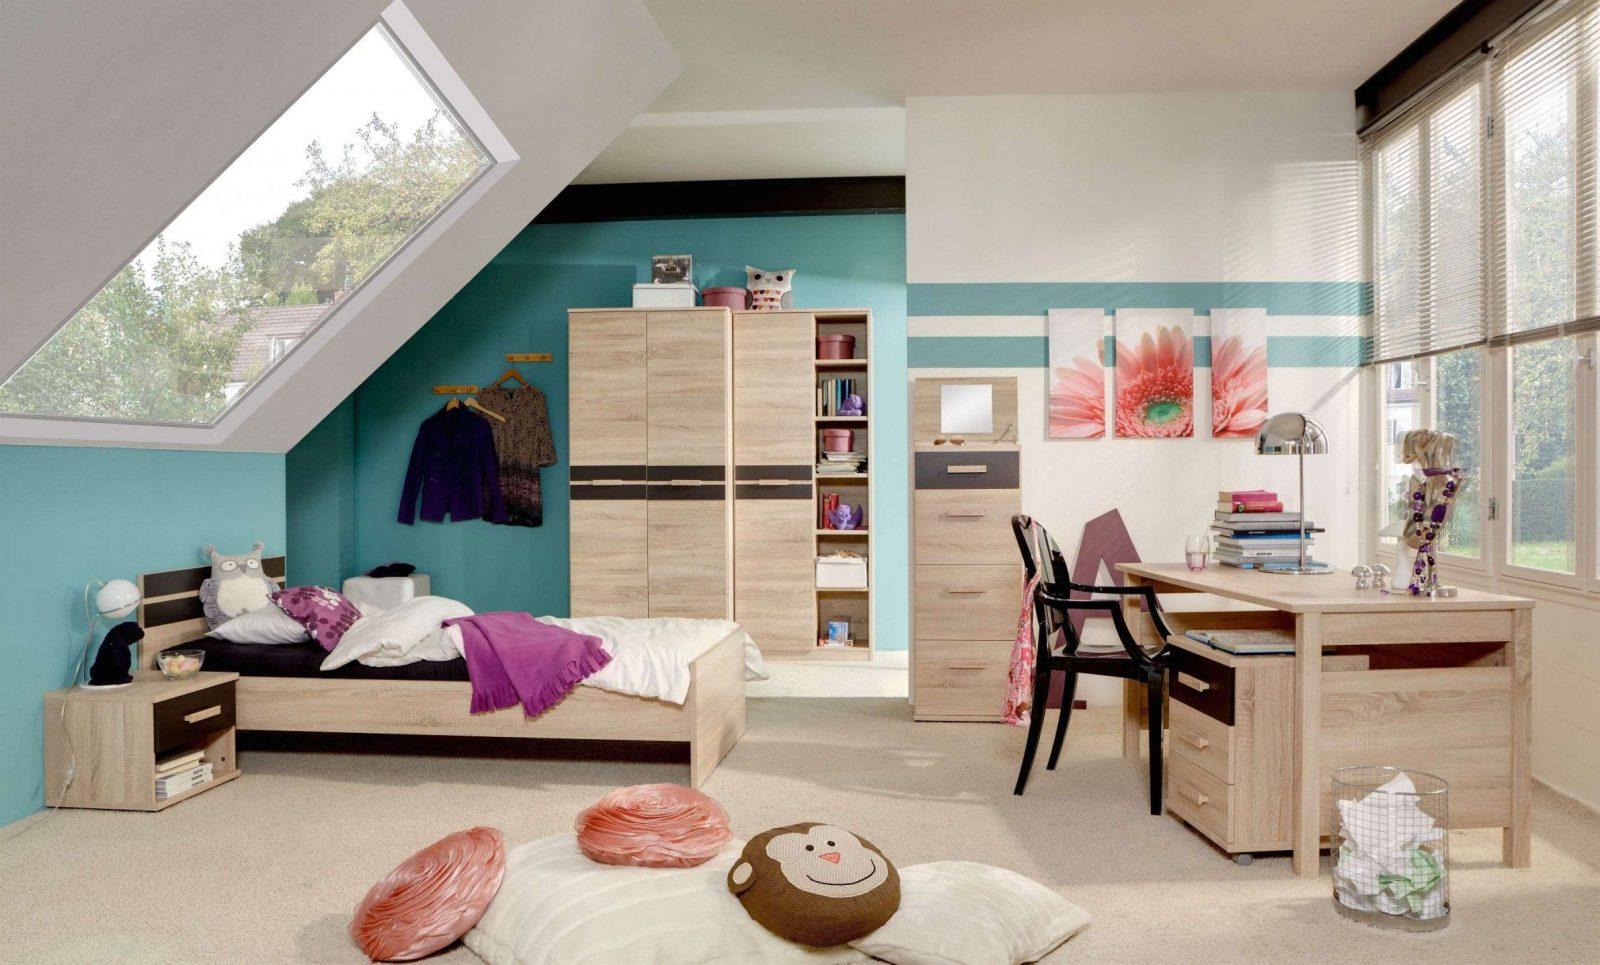 36 Genial Tapete Jugendzimmer Junge Bild  Dekor Für Bed Garten Und von Schöne Tapeten Für Jugendzimmer Bild